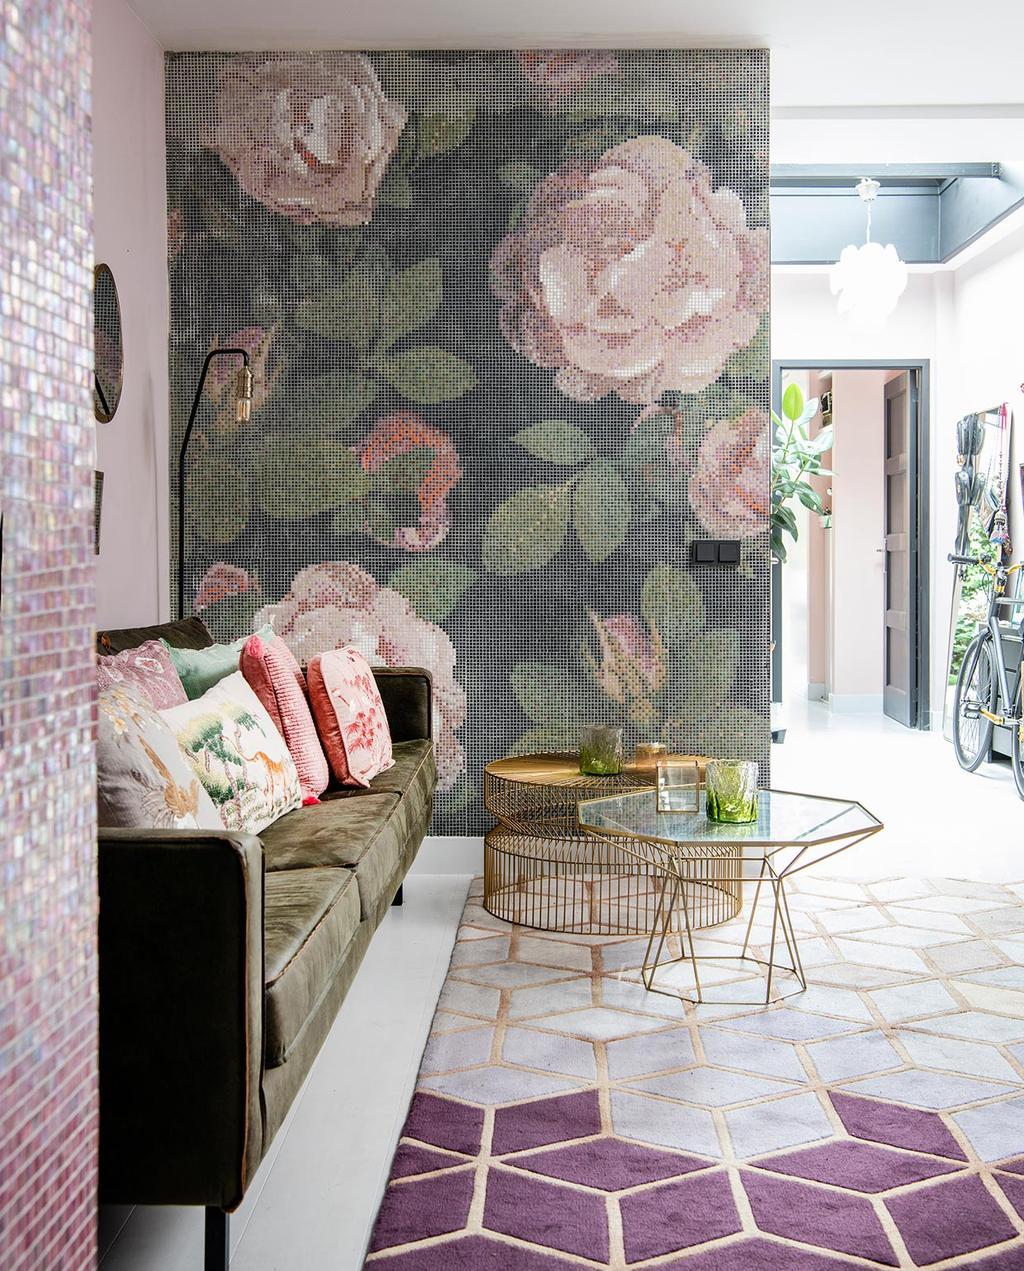 vtwonen 06-2021 | behang met bloemen en gouden salontafels met de paarse geometrische vloer in de Jordaan